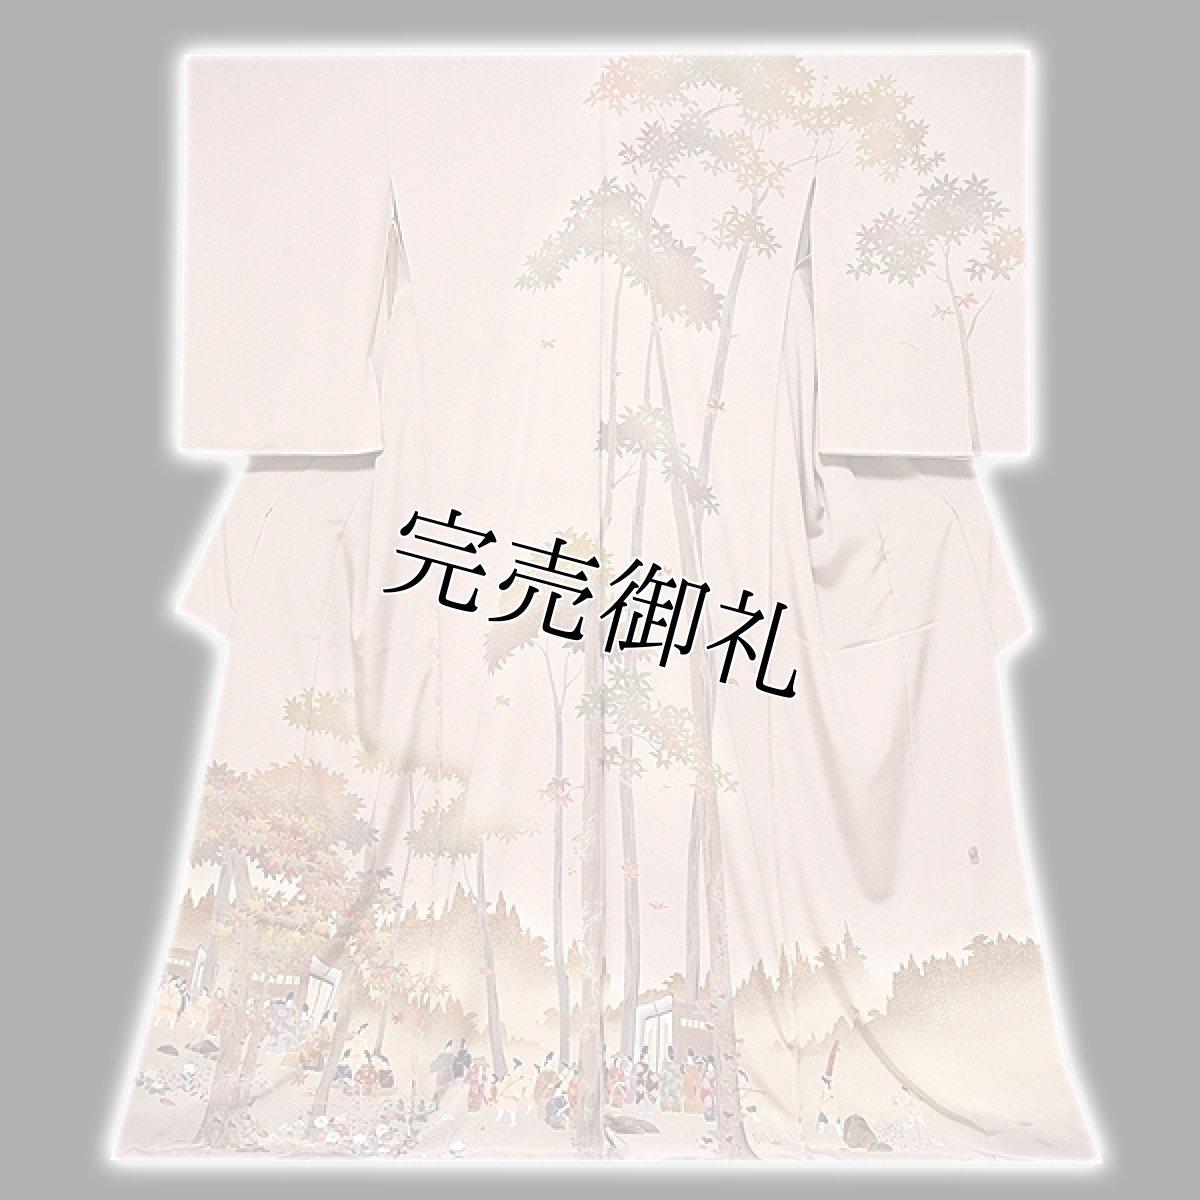 画像1: ■【最高級 通産大臣賞受賞】 「本染め-落款入り」 平安絵巻柄 浜ちりめん 訪問着■ (1)